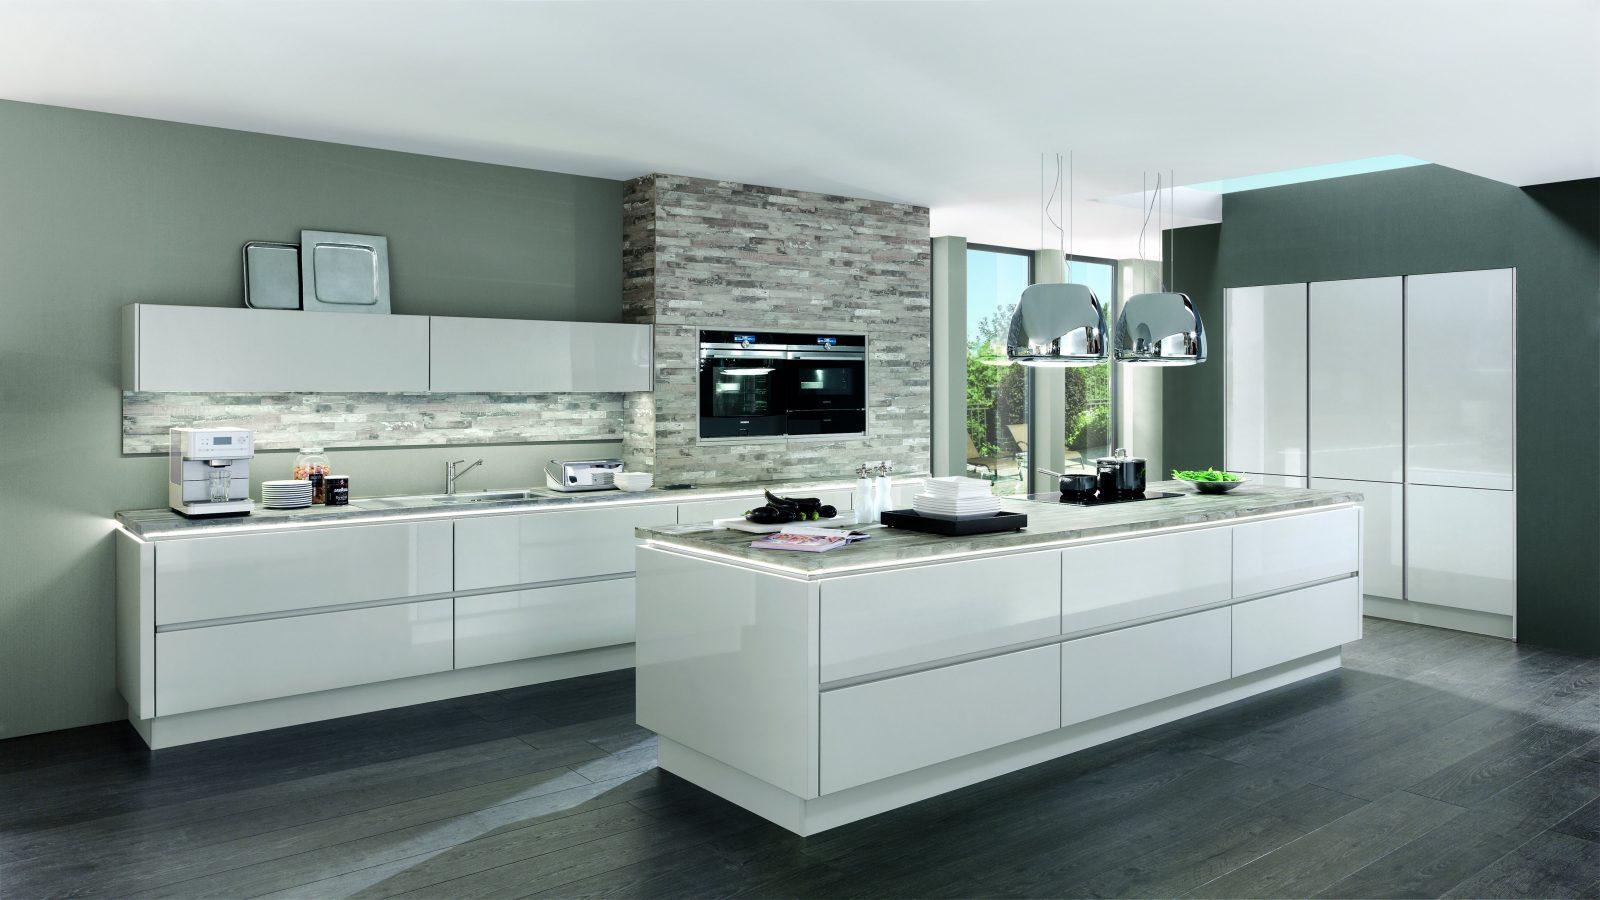 Weiße Küchen  Küchentrends In Weiß  Kücheco von Weiße Küche Mit Weißer Arbeitsplatte Photo